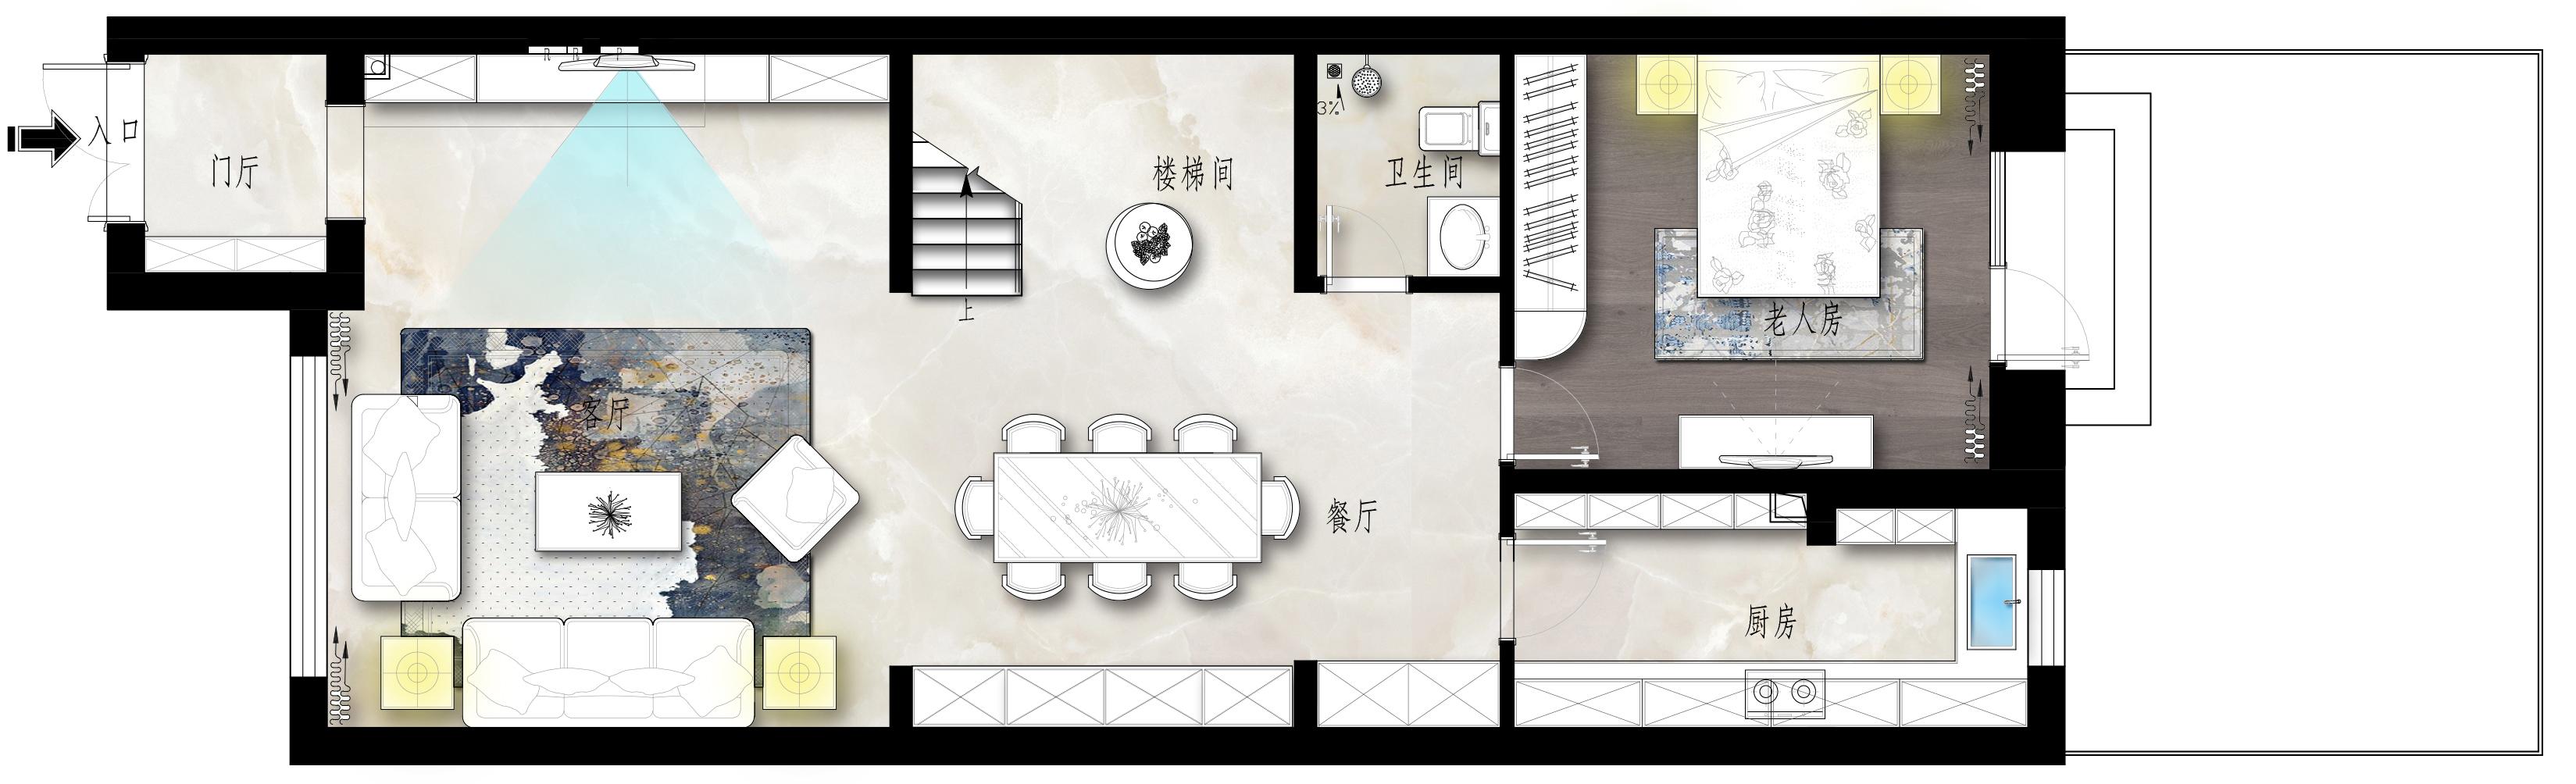 八达岭孔雀城-新中式-360㎡装修设计理念